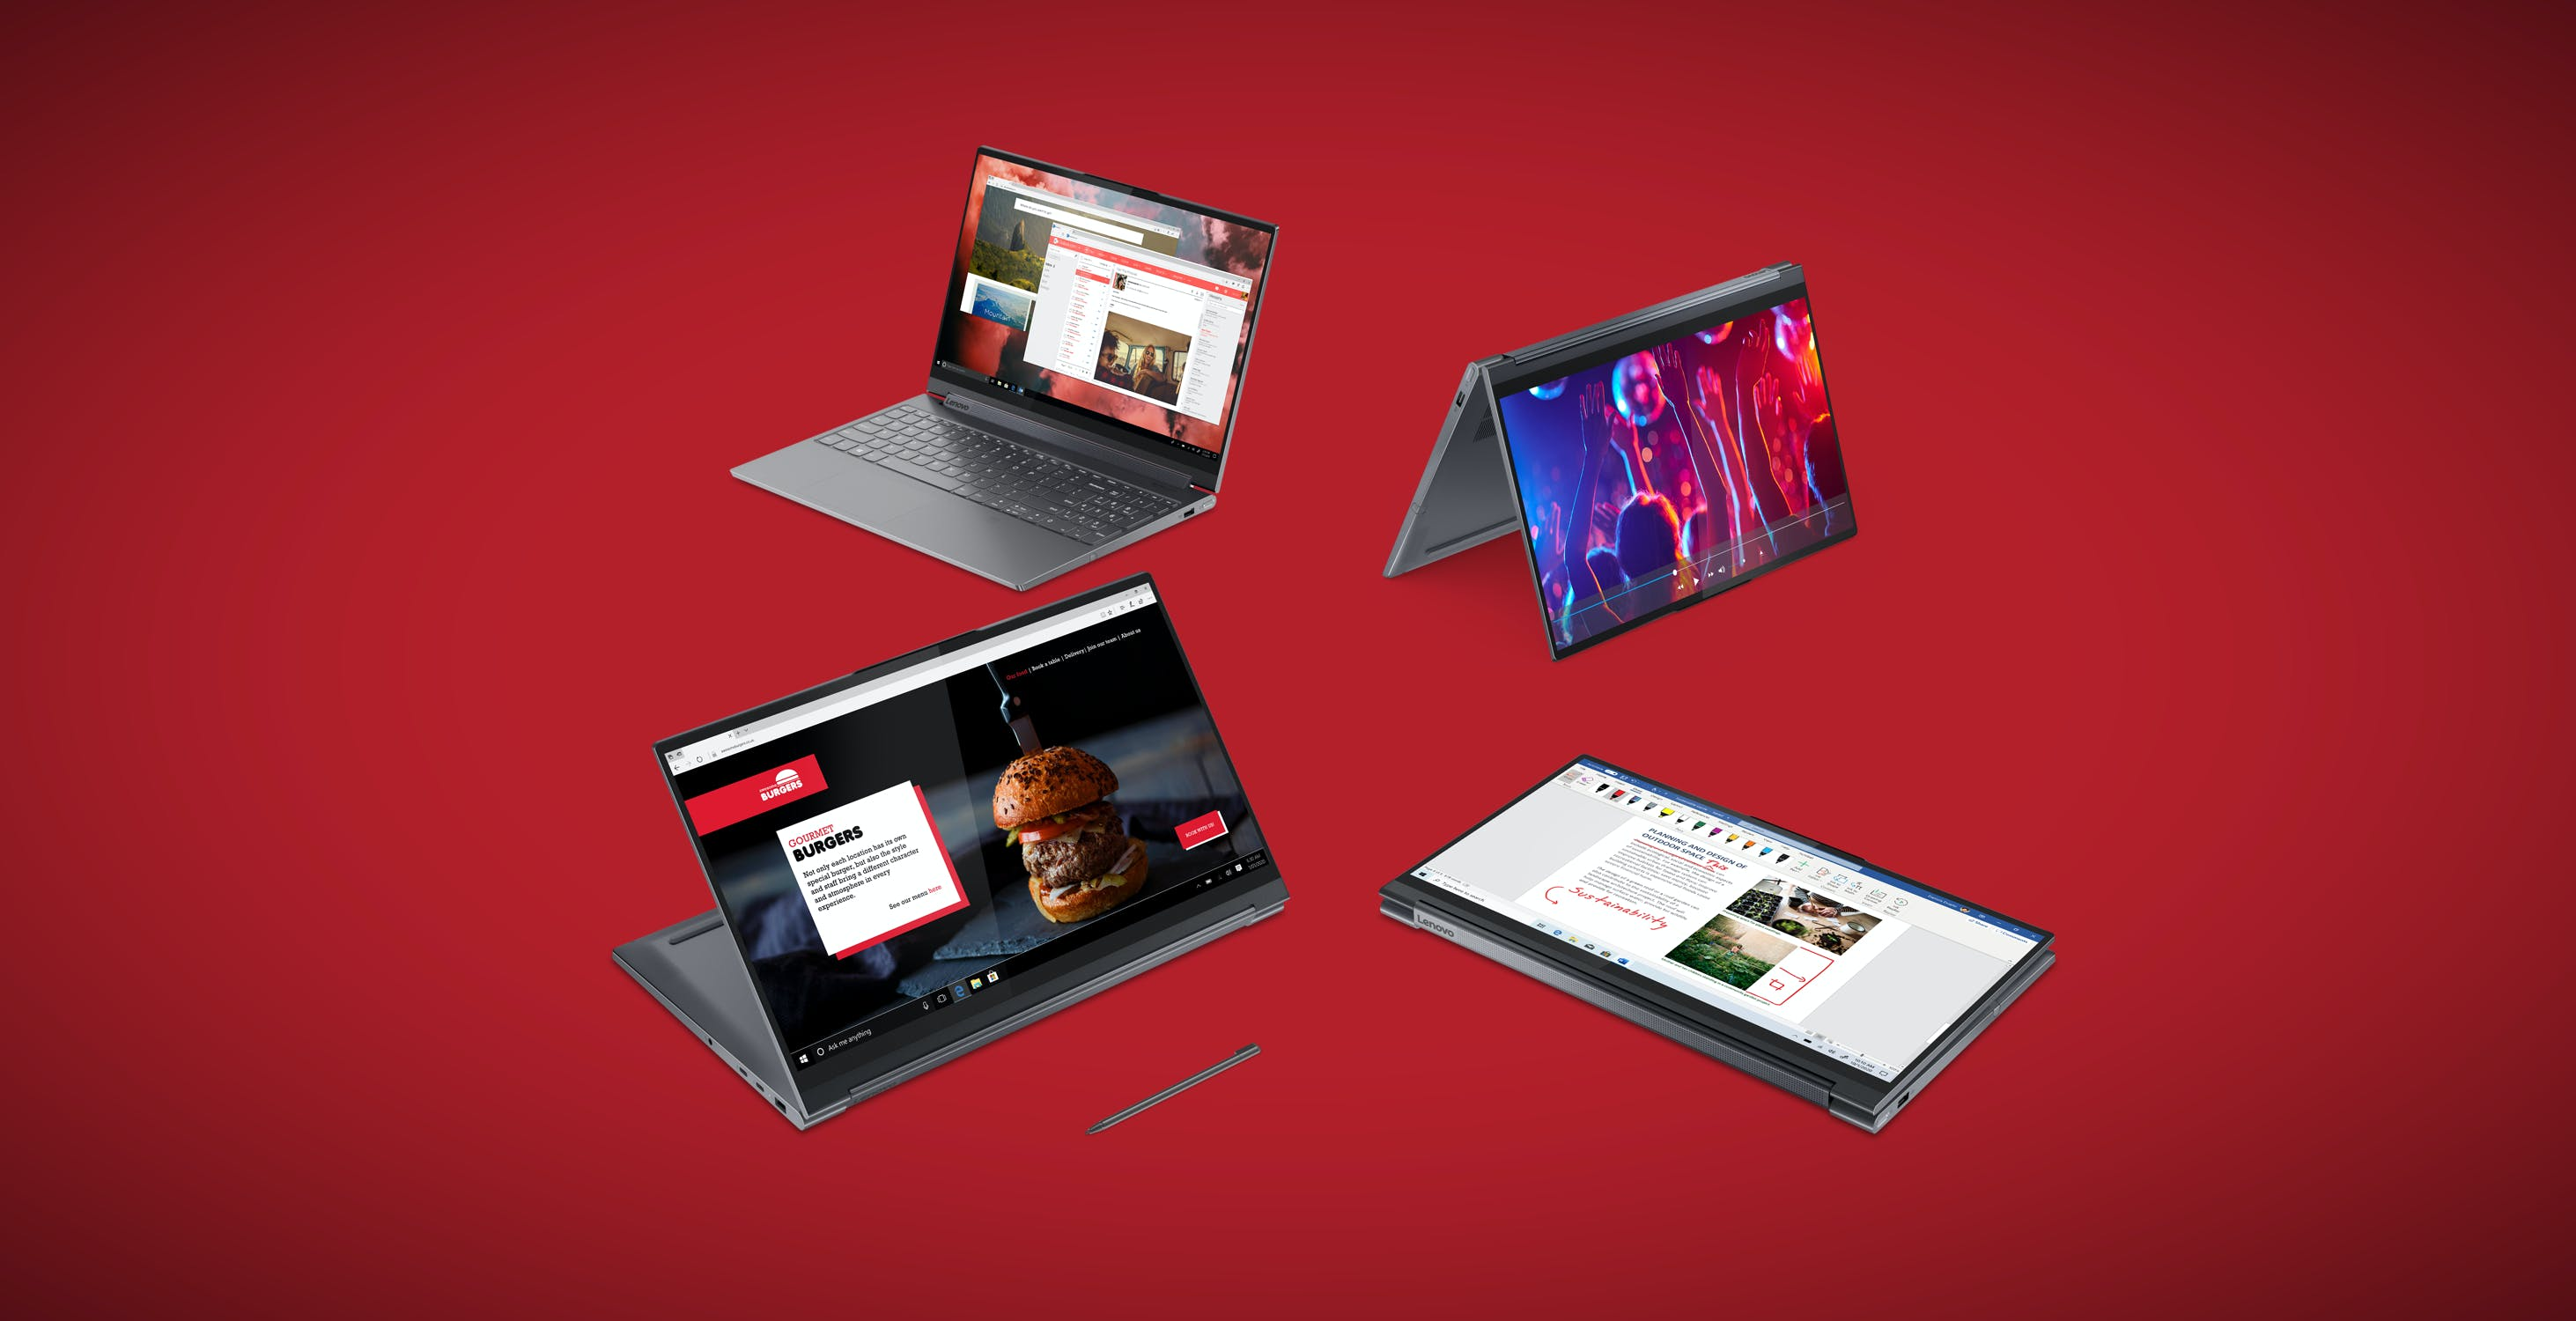 Lenovo, tutte le uscite entro fine anno. Yoga 9i e Yoga Slim 9i avranno i Tiger Lake di Intel